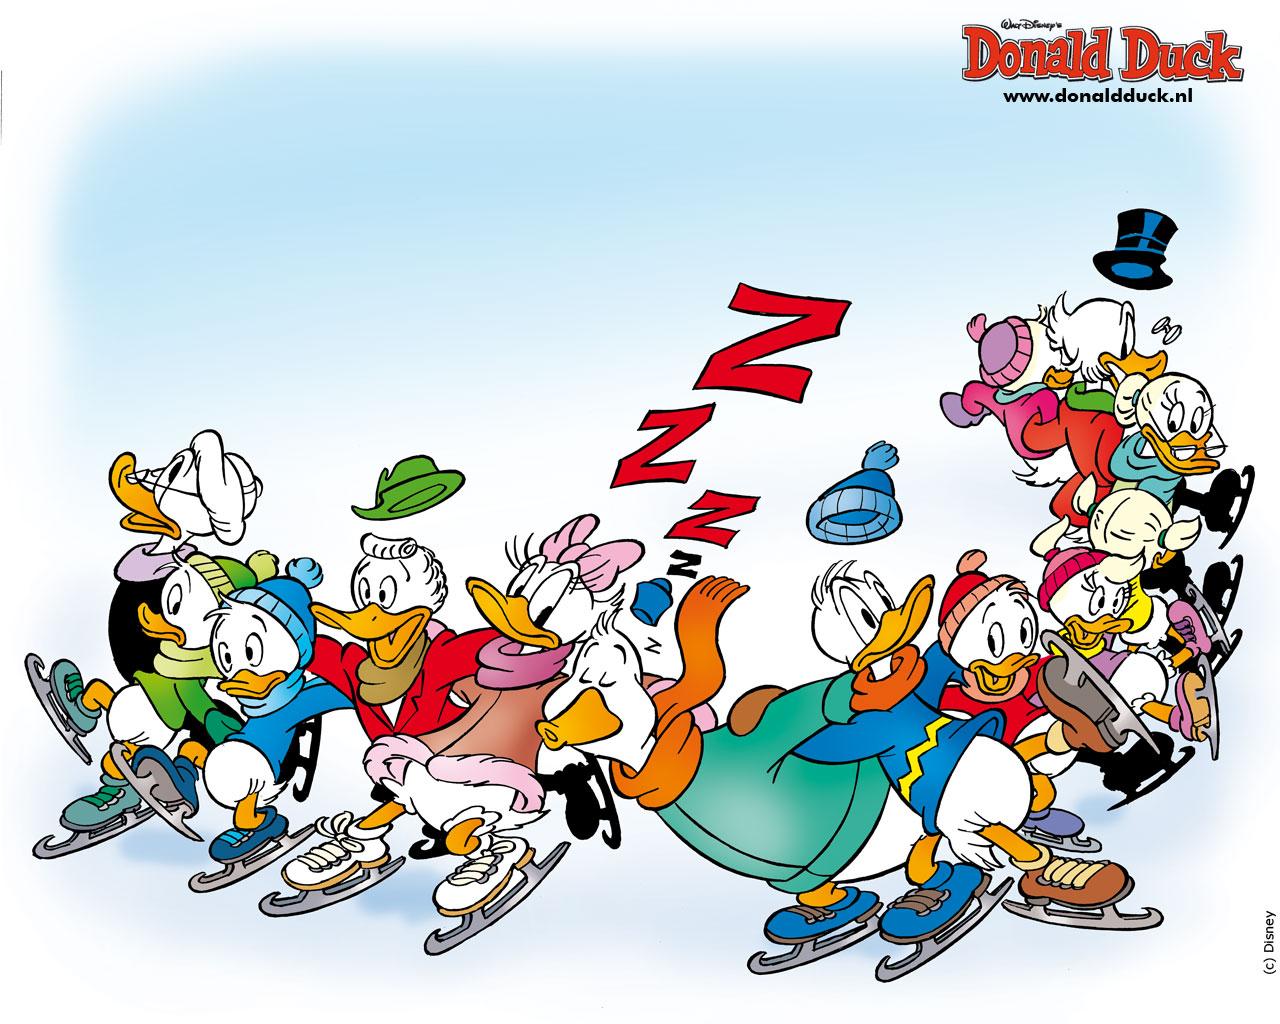 Wallpapers Donald Duck En Vrienden 187 Animaatjes Nl